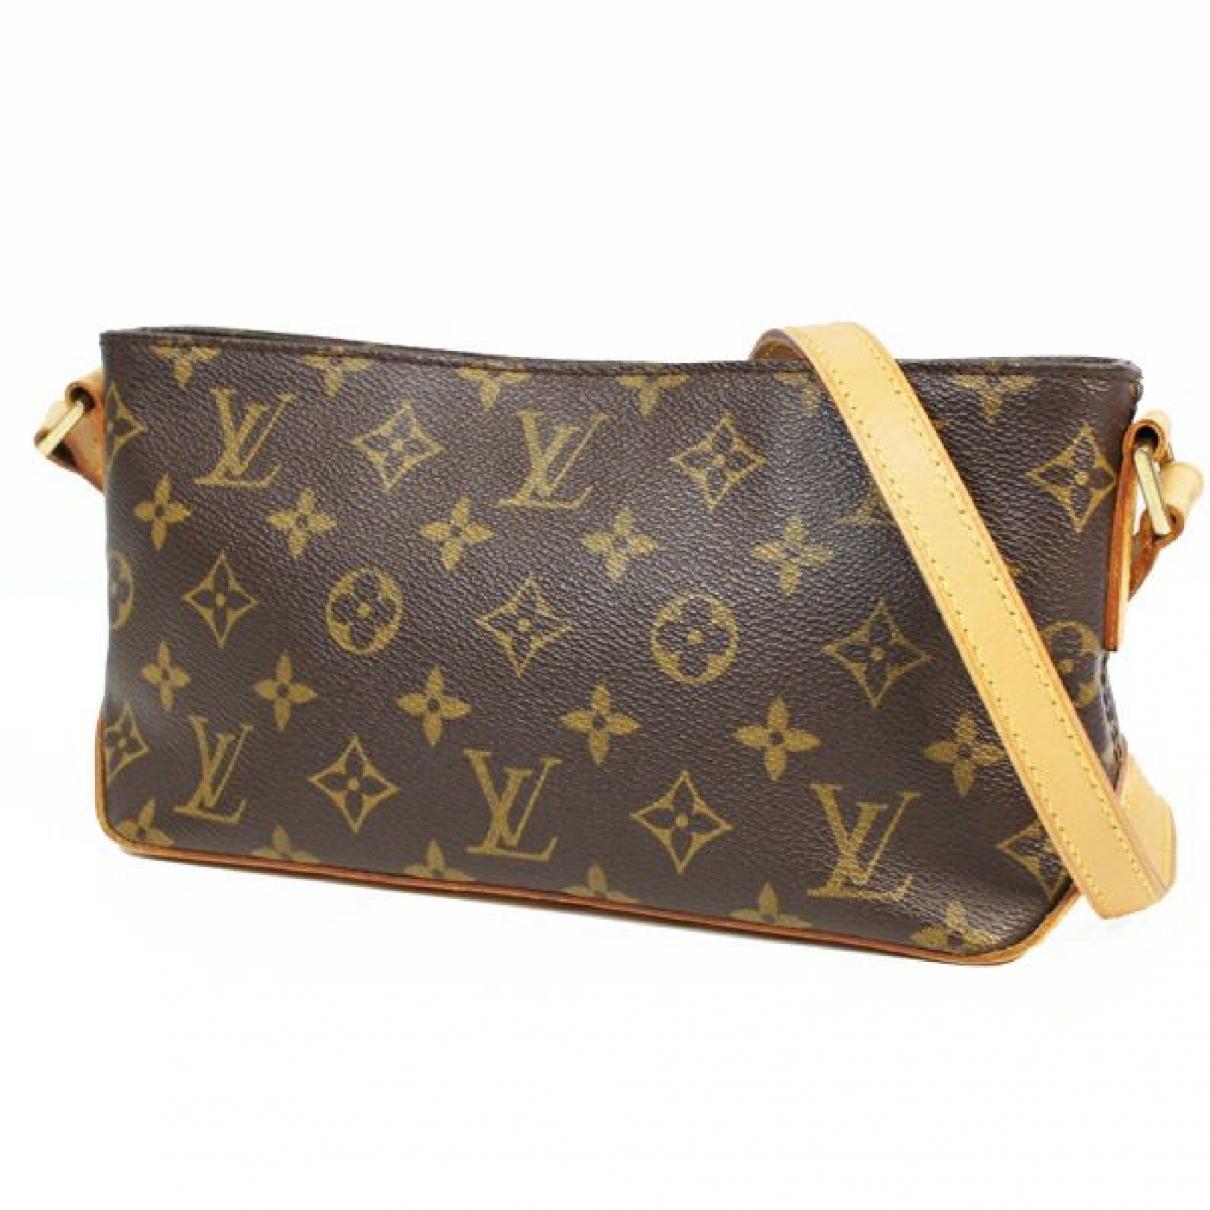 Louis Vuitton \N Black Cloth handbag for Women \N